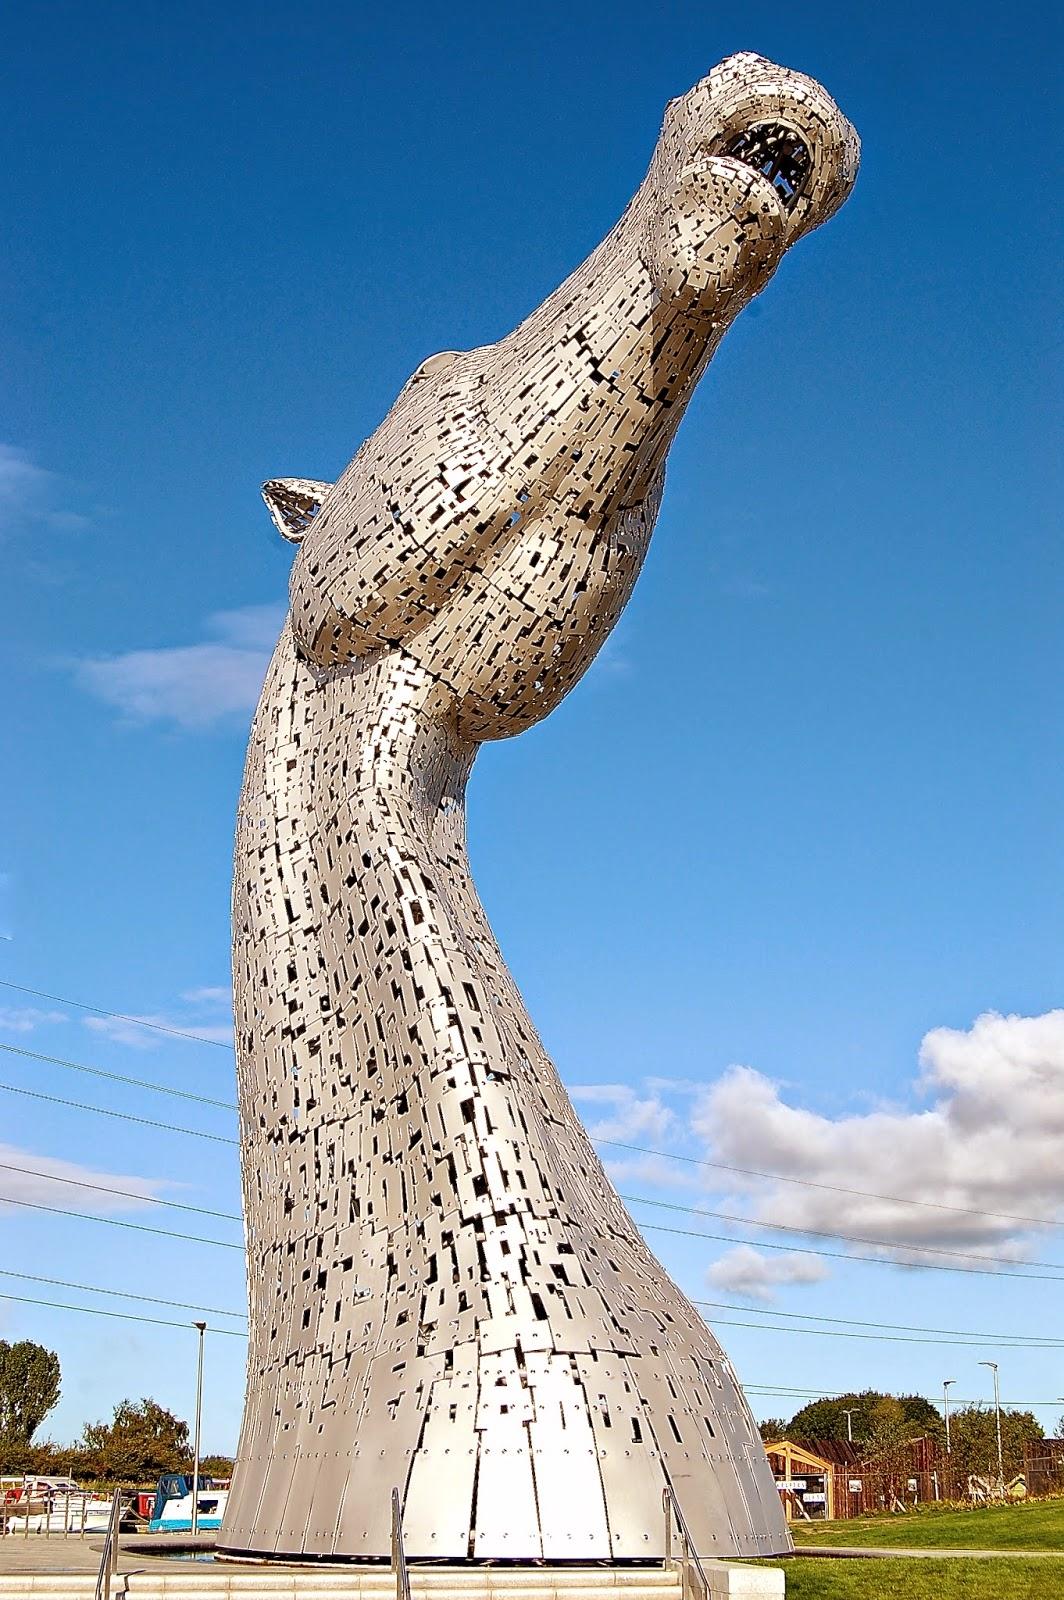 Kelpie with head raised, Falkirk, Scotland